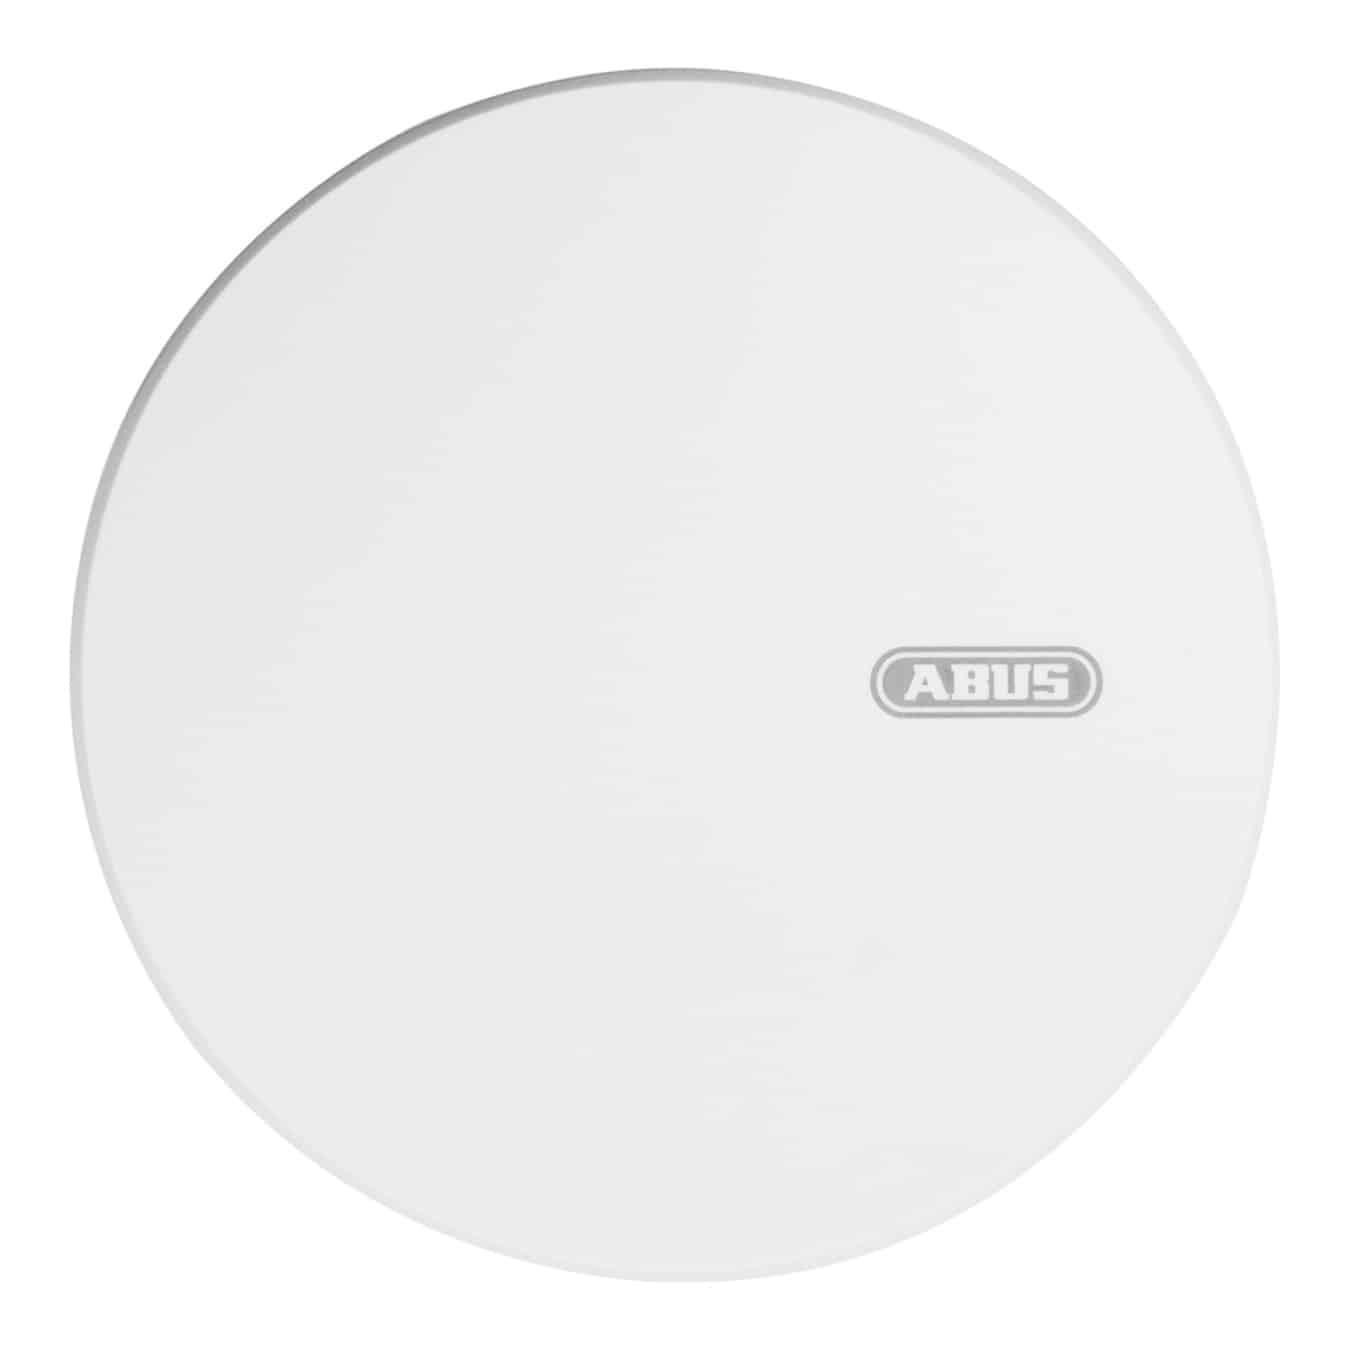 Koop ABUS RWM450 Rookmelder – draadloos koppelbaar